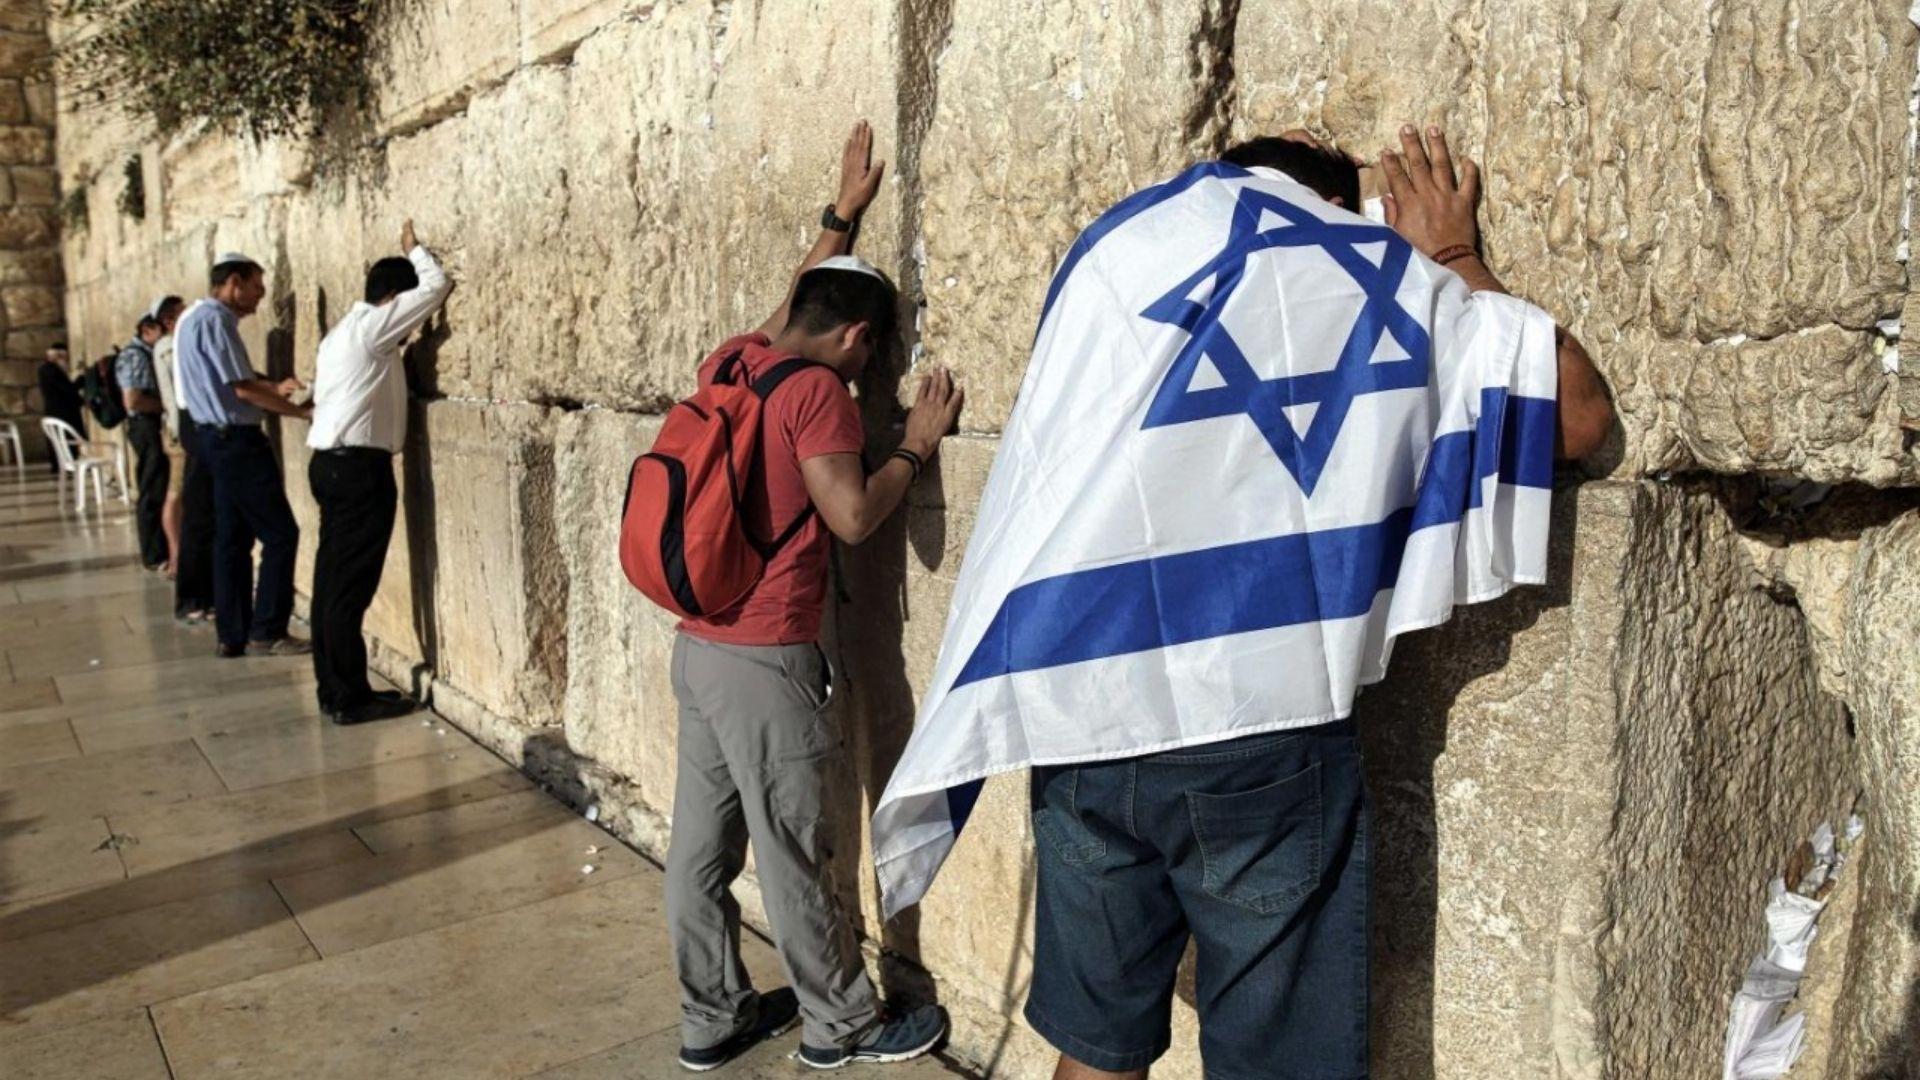 Igrejas se unem para oração global em resposta ao conflito entre Israel e Palestina